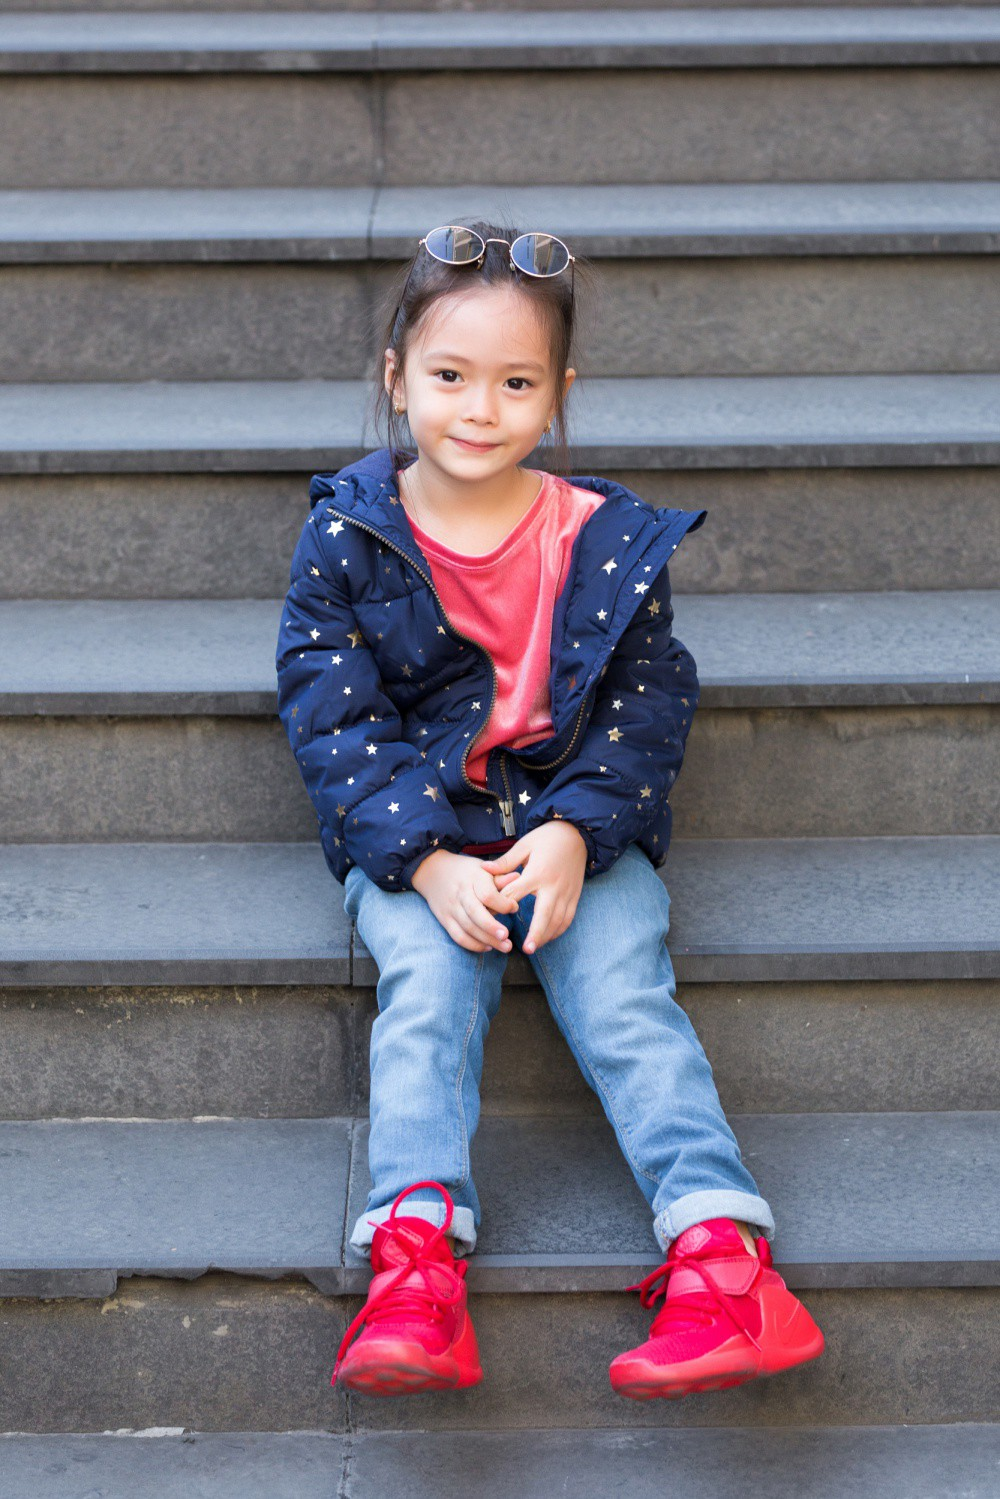 """Con gái Đoan Trang mới 4 tuổi đã ra dáng fashionista nhí, cùng bố mẹ thực hiện bộ ảnh mới cực """"chất"""" - Ảnh 2."""